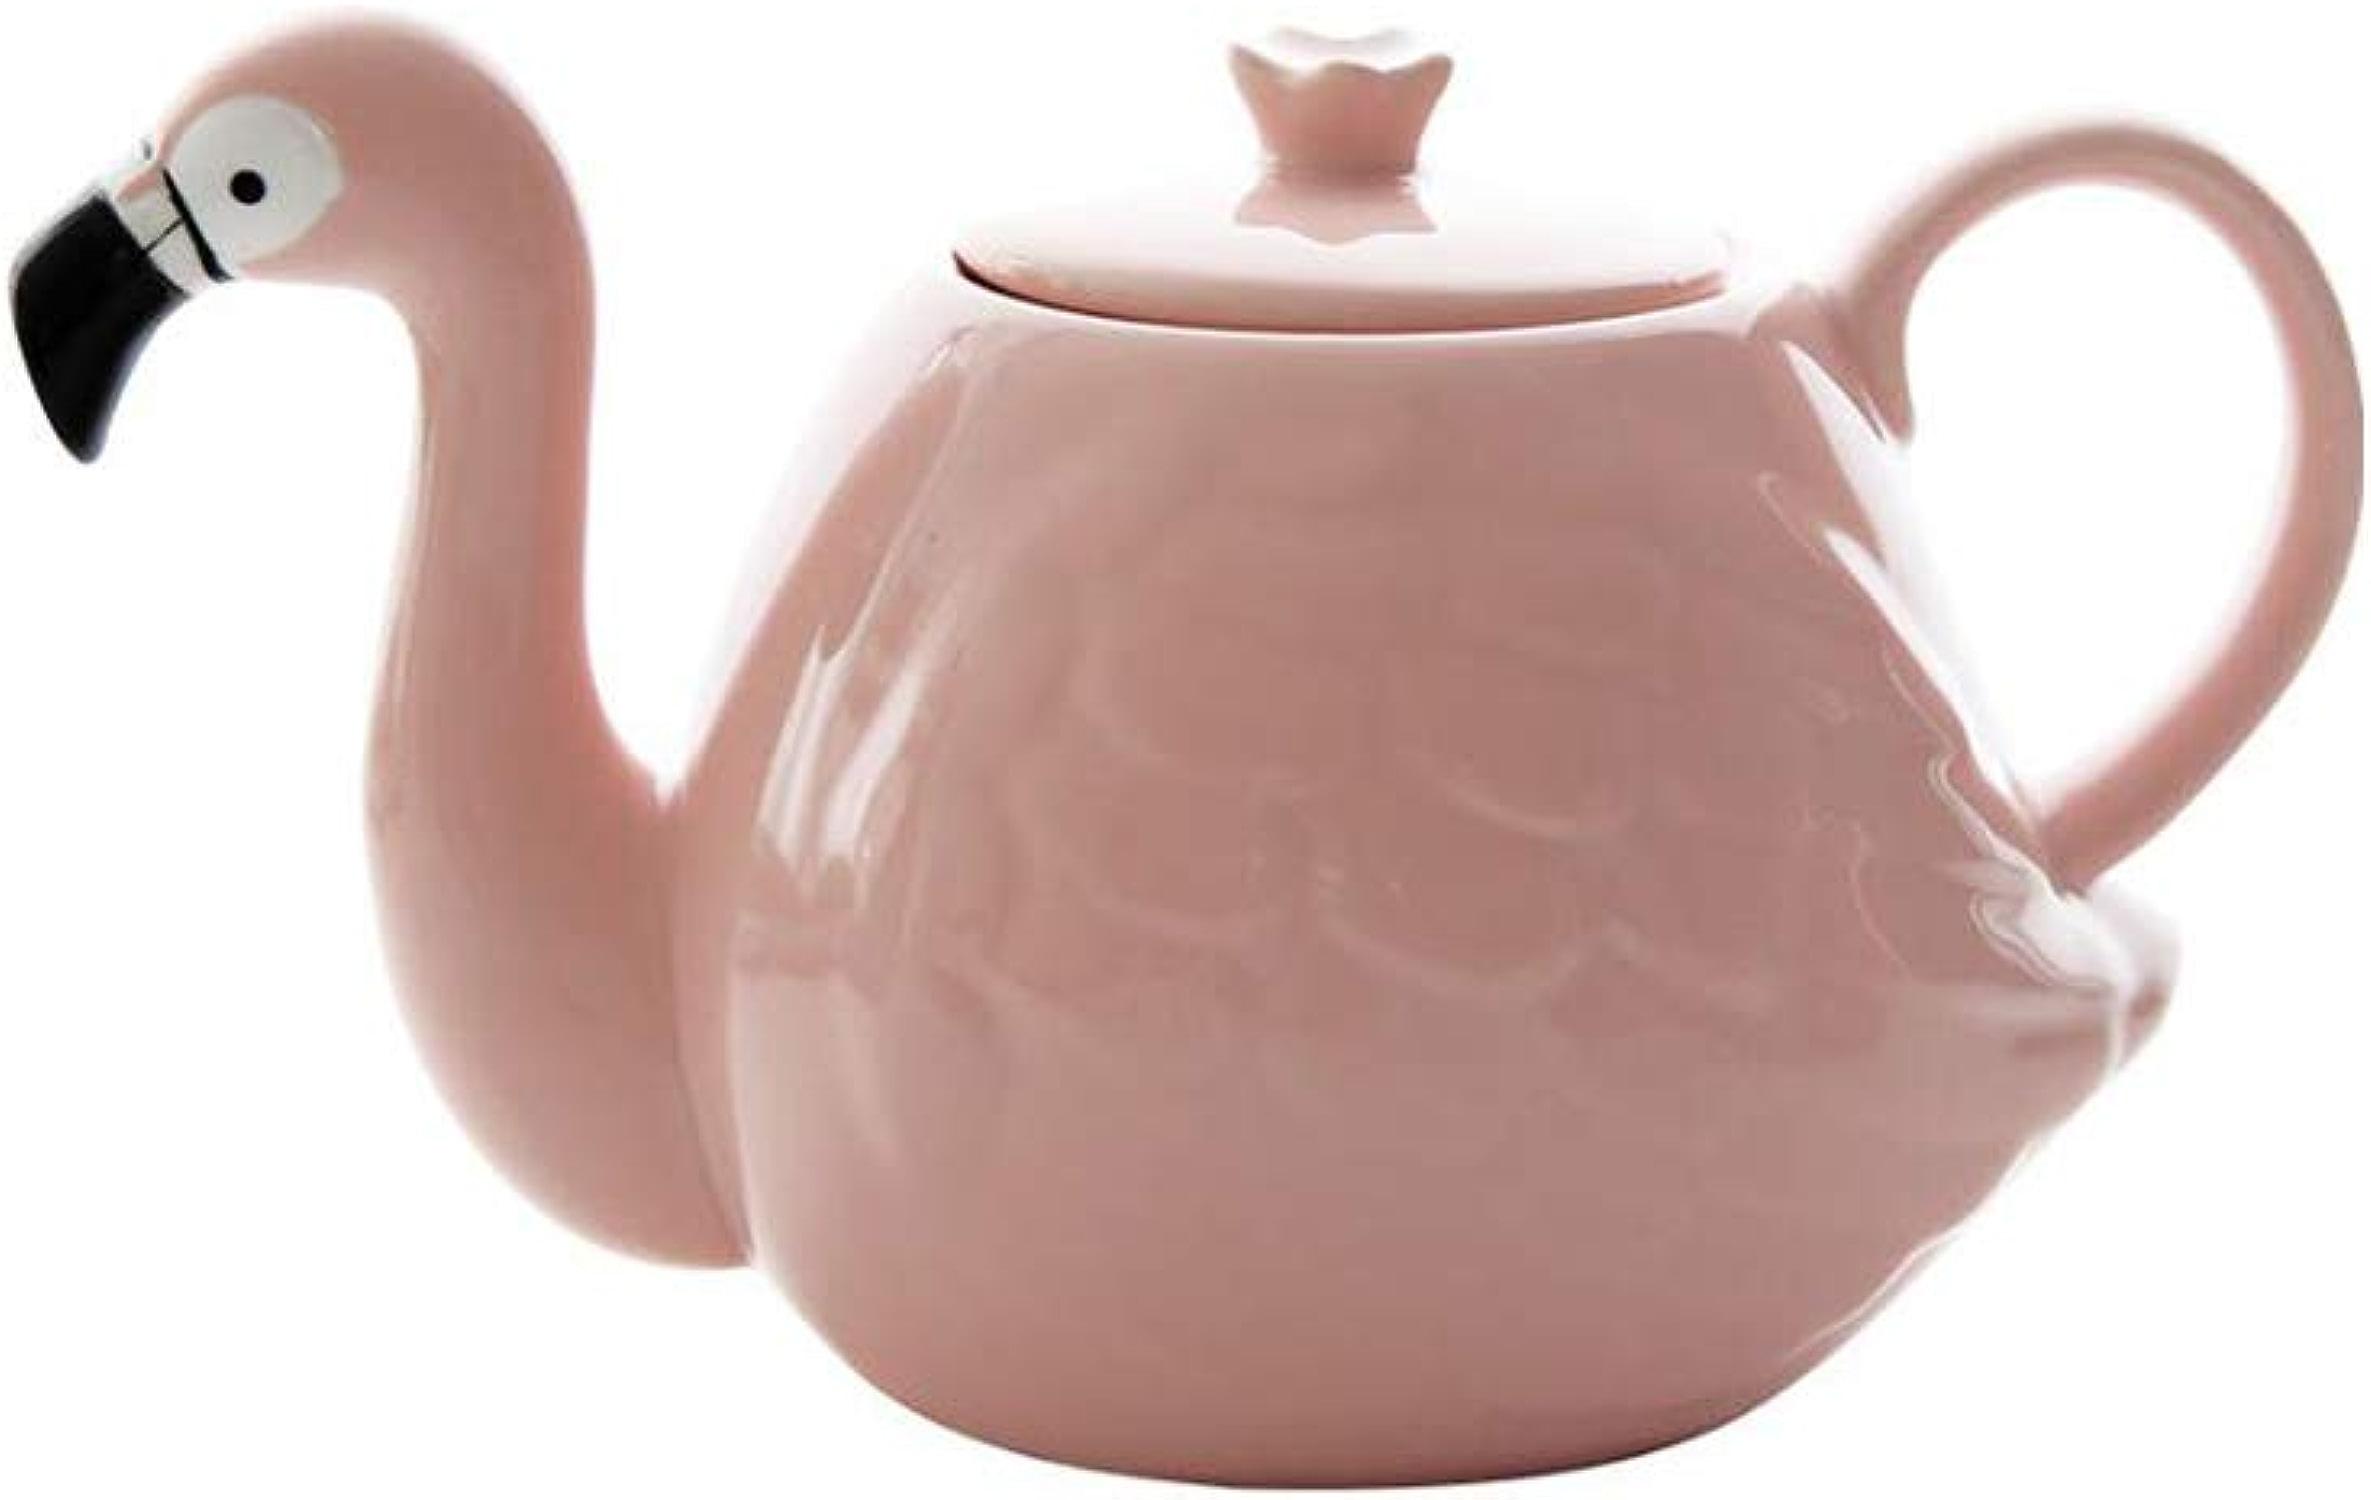 LXYFMS rose Flamingo Théière Set Creative Céramique Tasse en Céramique Deux Tasses Un Pot Théière en Céramique théière